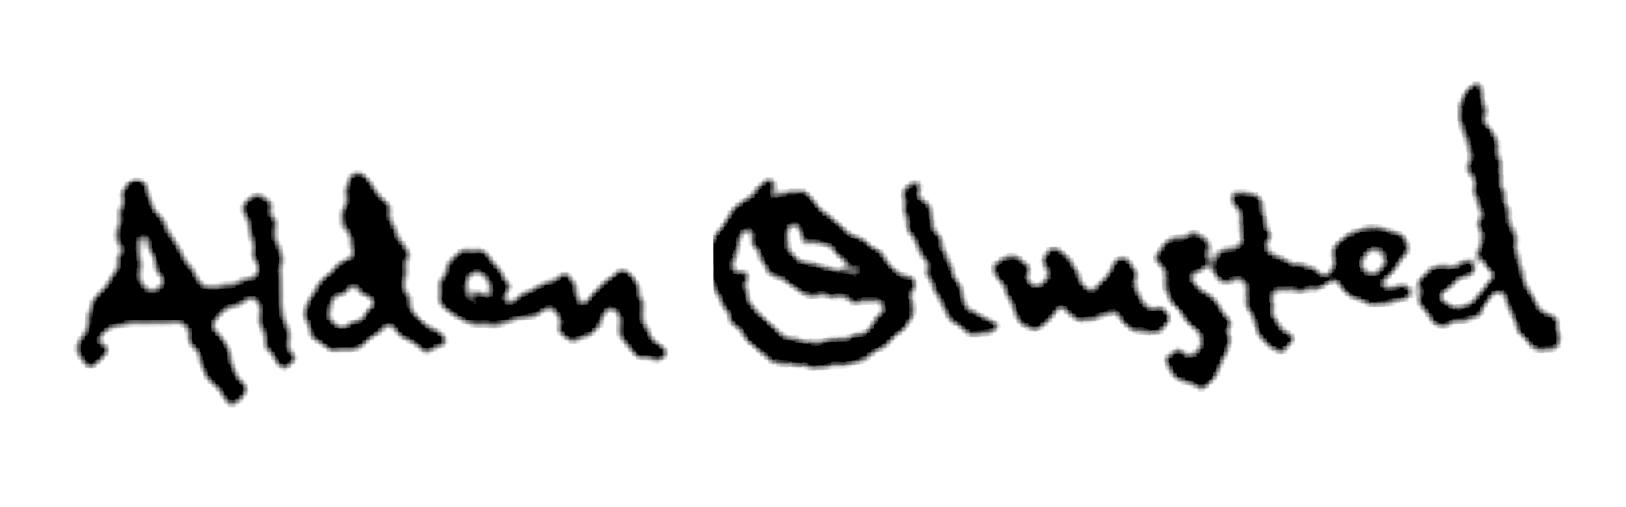 Alden signature.jpg